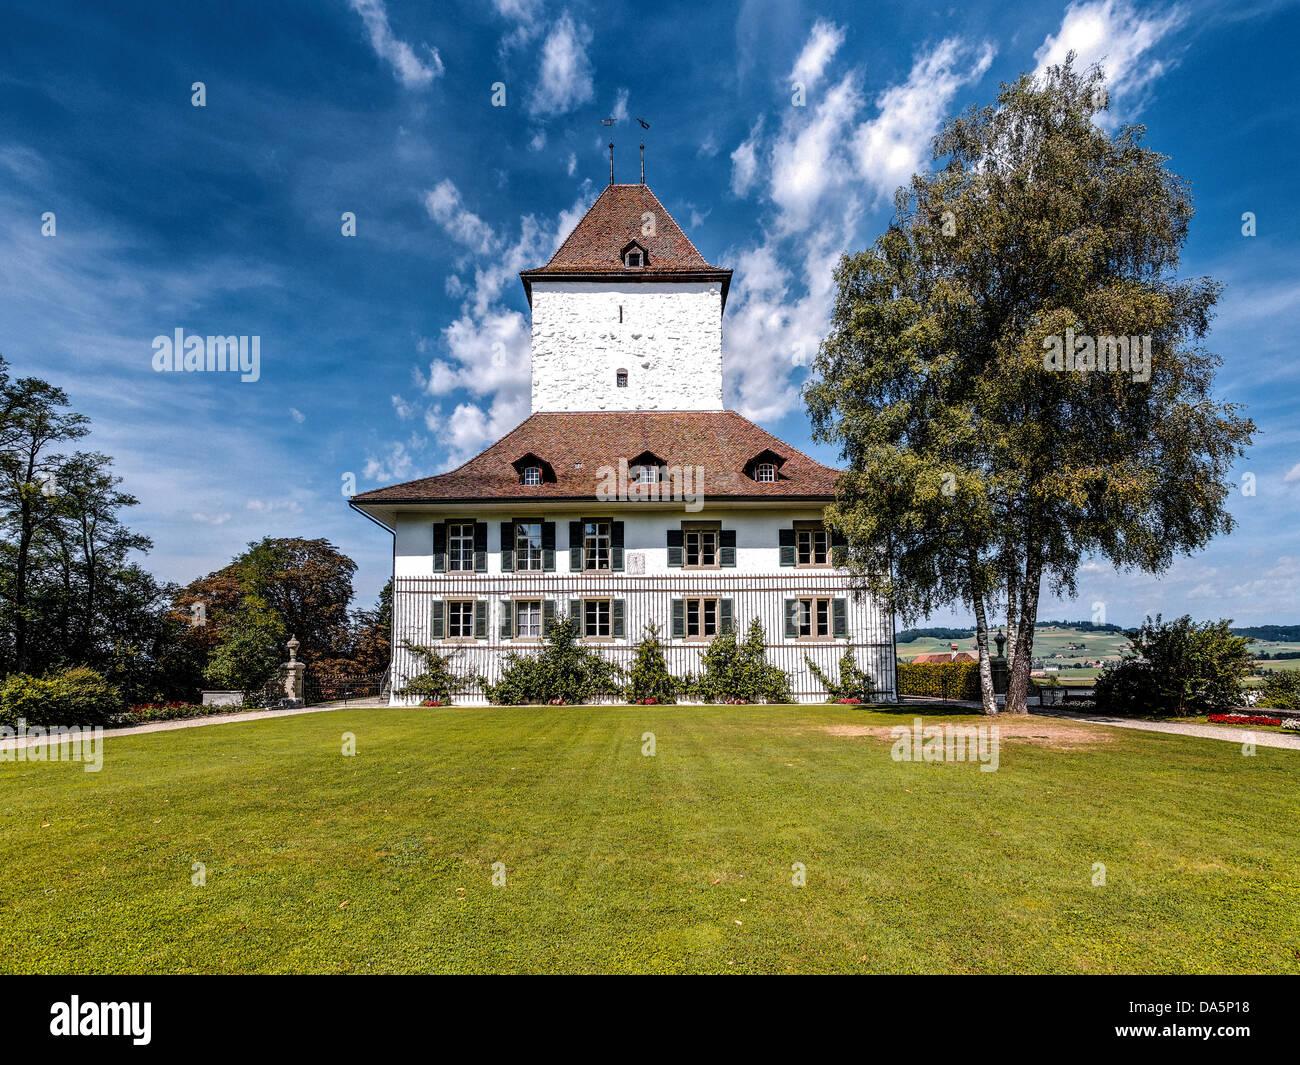 Nobiltà, avenue, Emmental, Canton Berna Berna, paese gentry, park, il castello, il parco del castello, Schlosswil, Immagini Stock